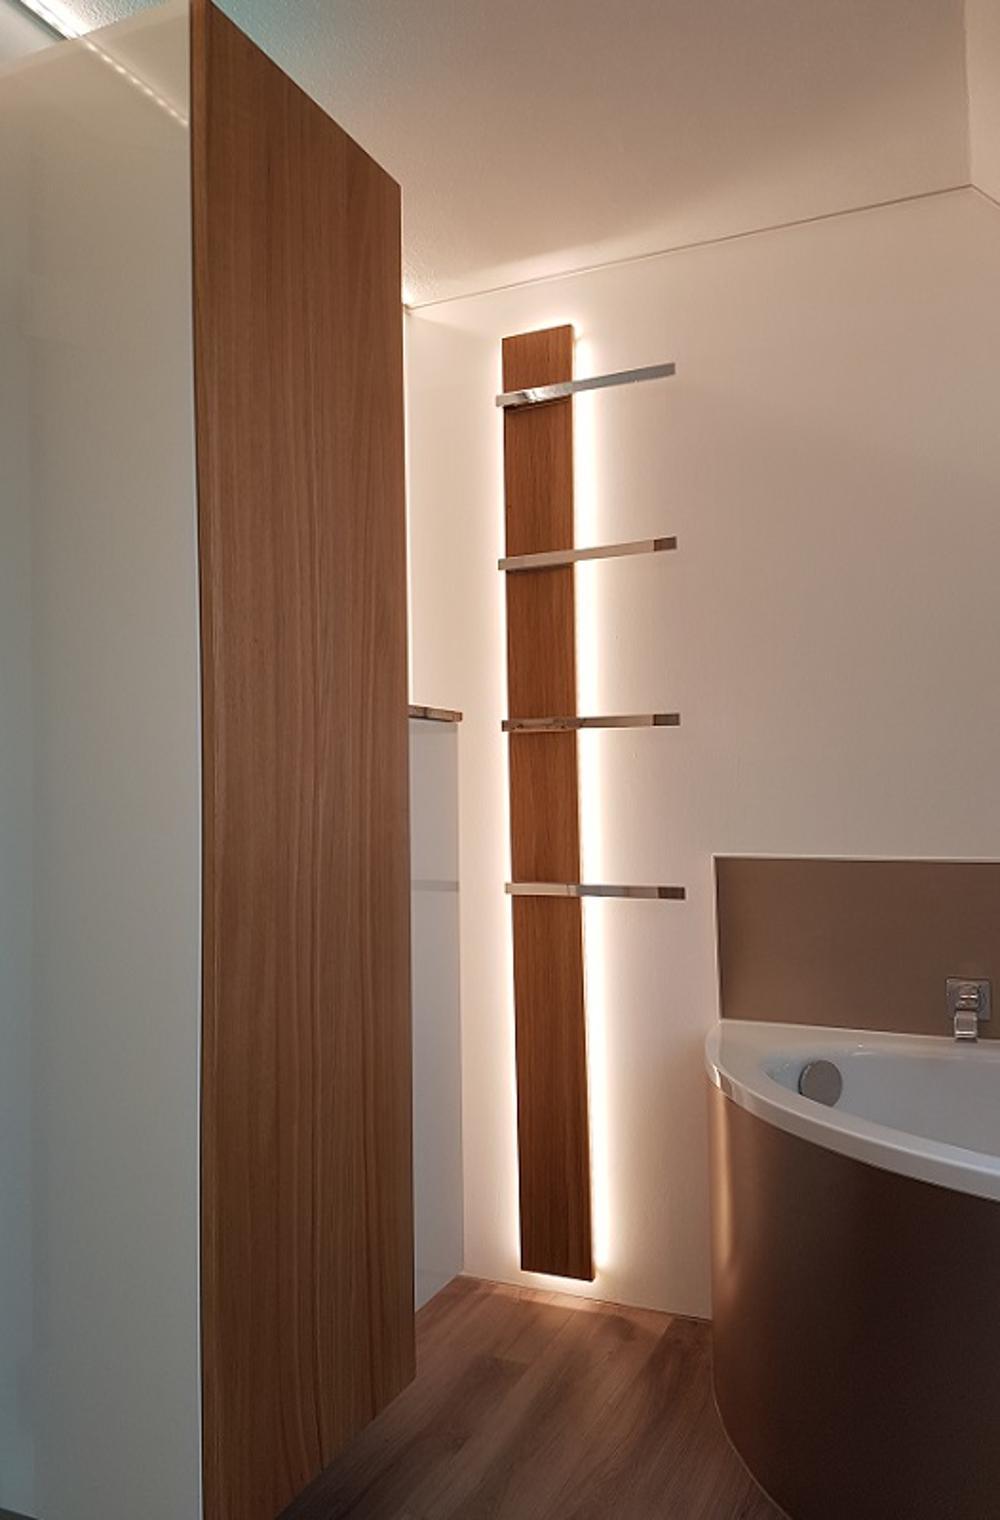 objekt b schreinerei f r situationgerechte objekteinrichtung bad ohne fugen bilder. Black Bedroom Furniture Sets. Home Design Ideas